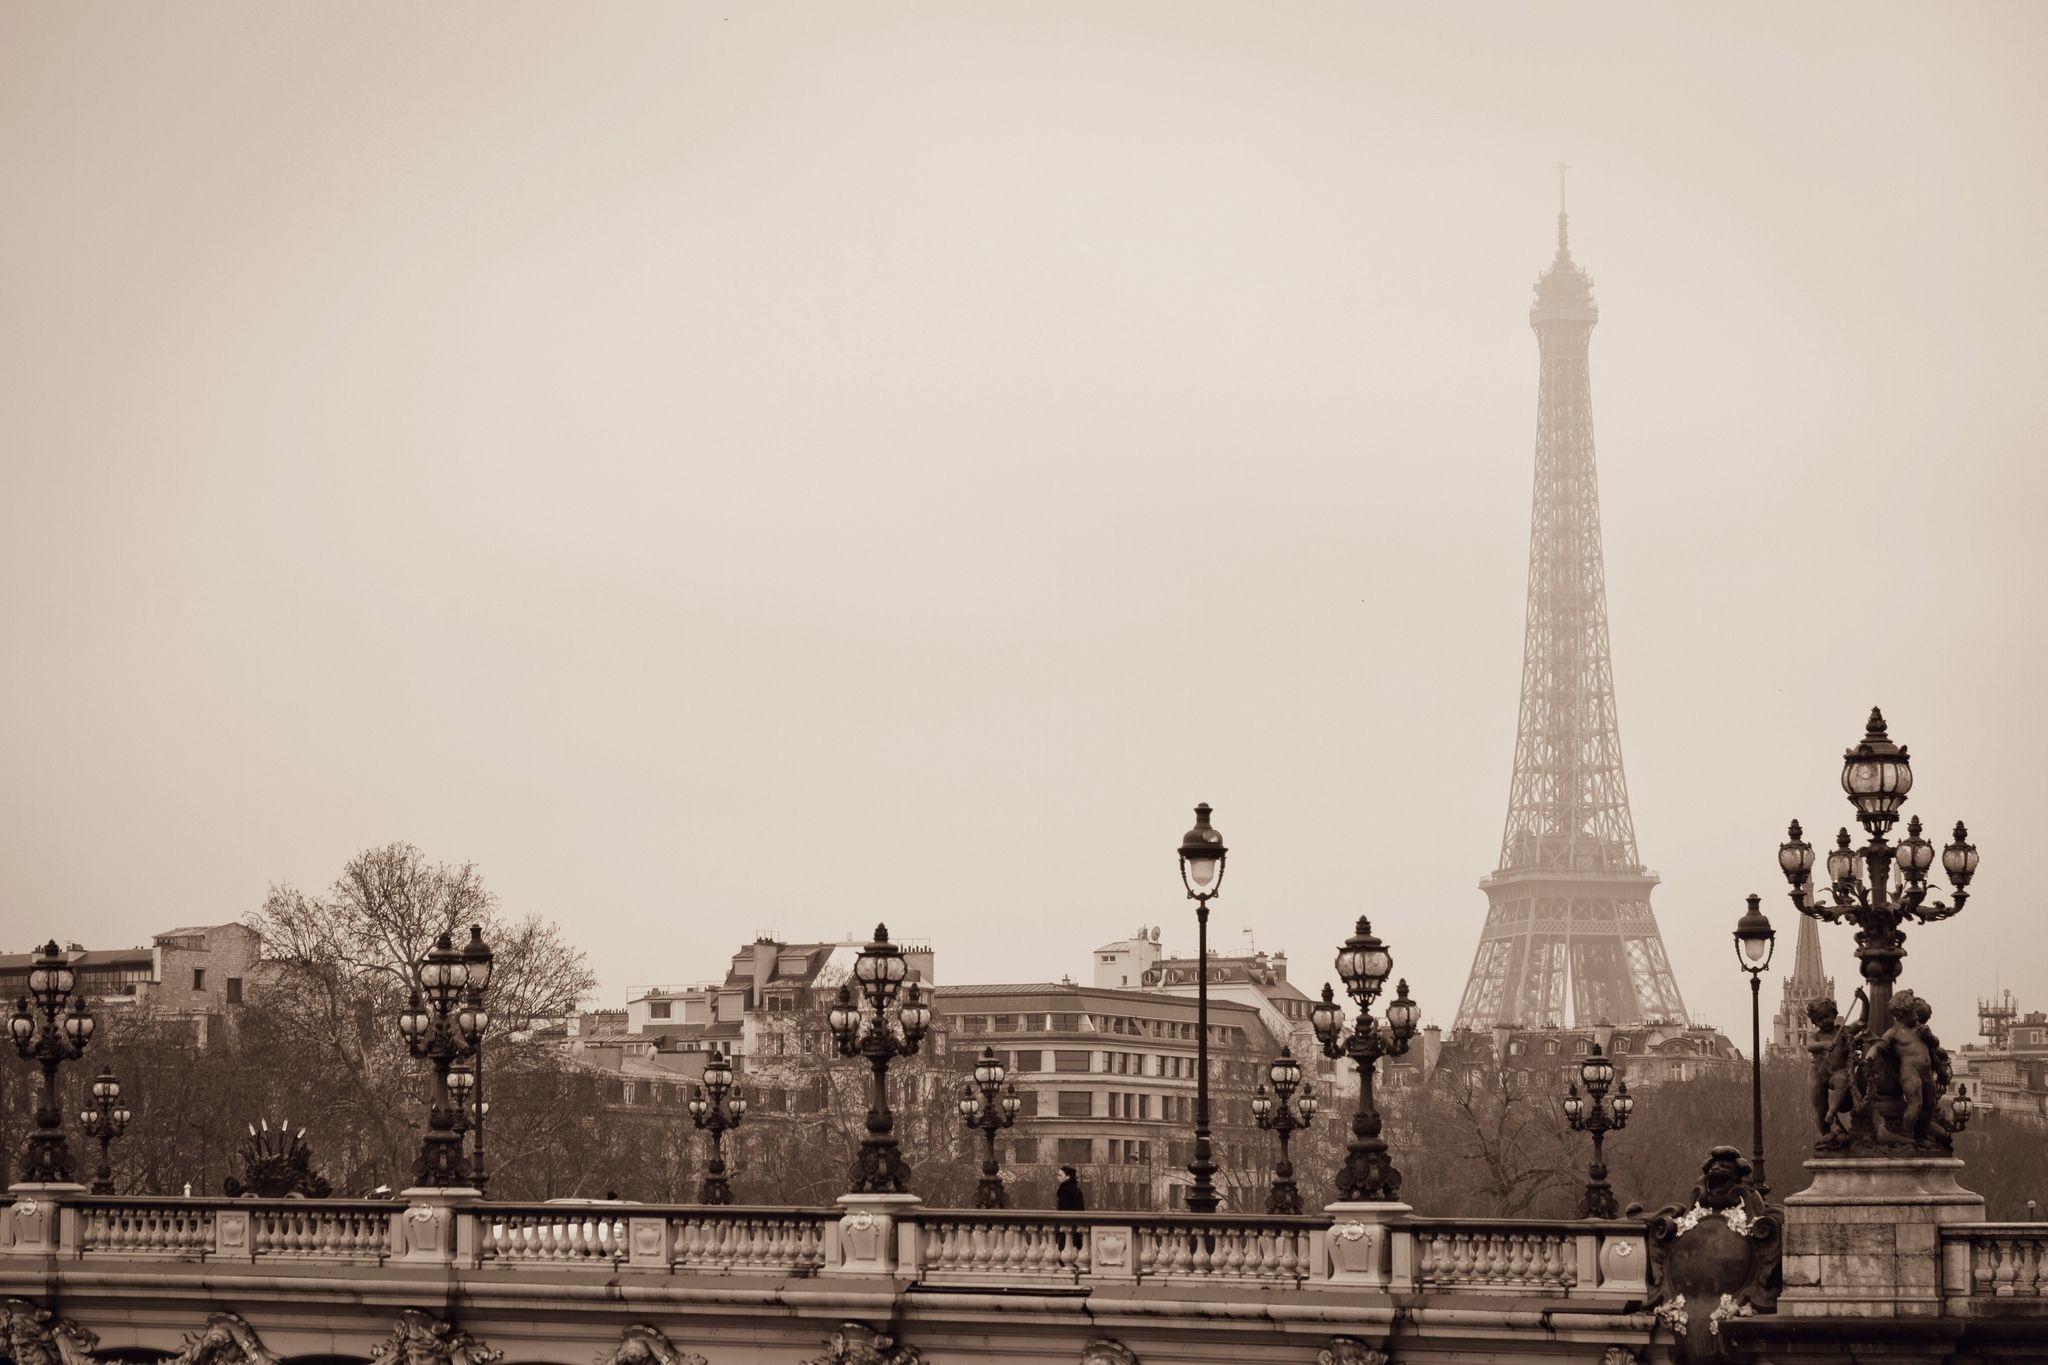 Most Inspiring Wallpaper Mac Paris - 1eebd48b166636266cb190fdd34015ea  Snapshot_846048.jpg